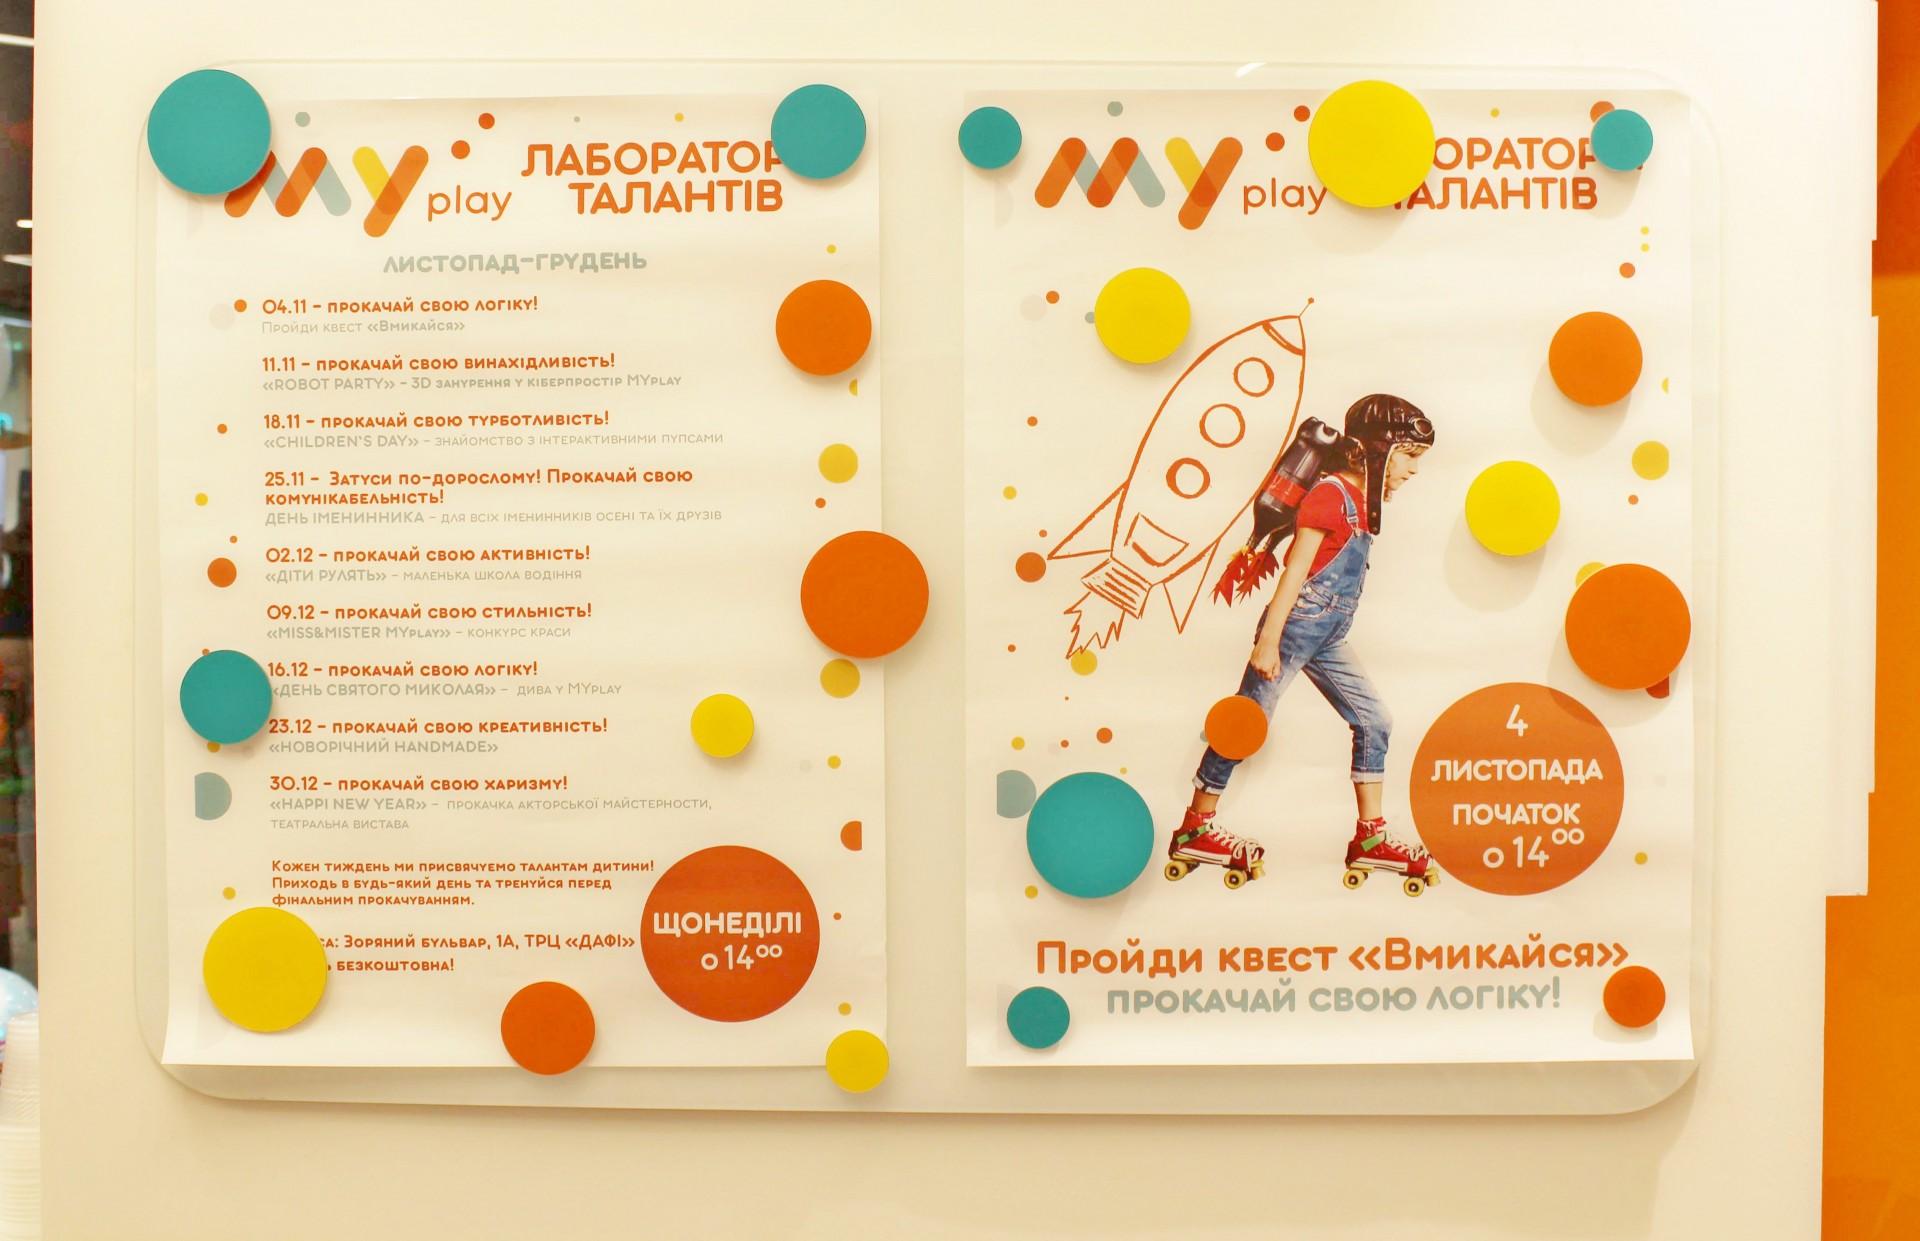 1. Хаб «Лаборатория талантов» в MYplay, Днепр